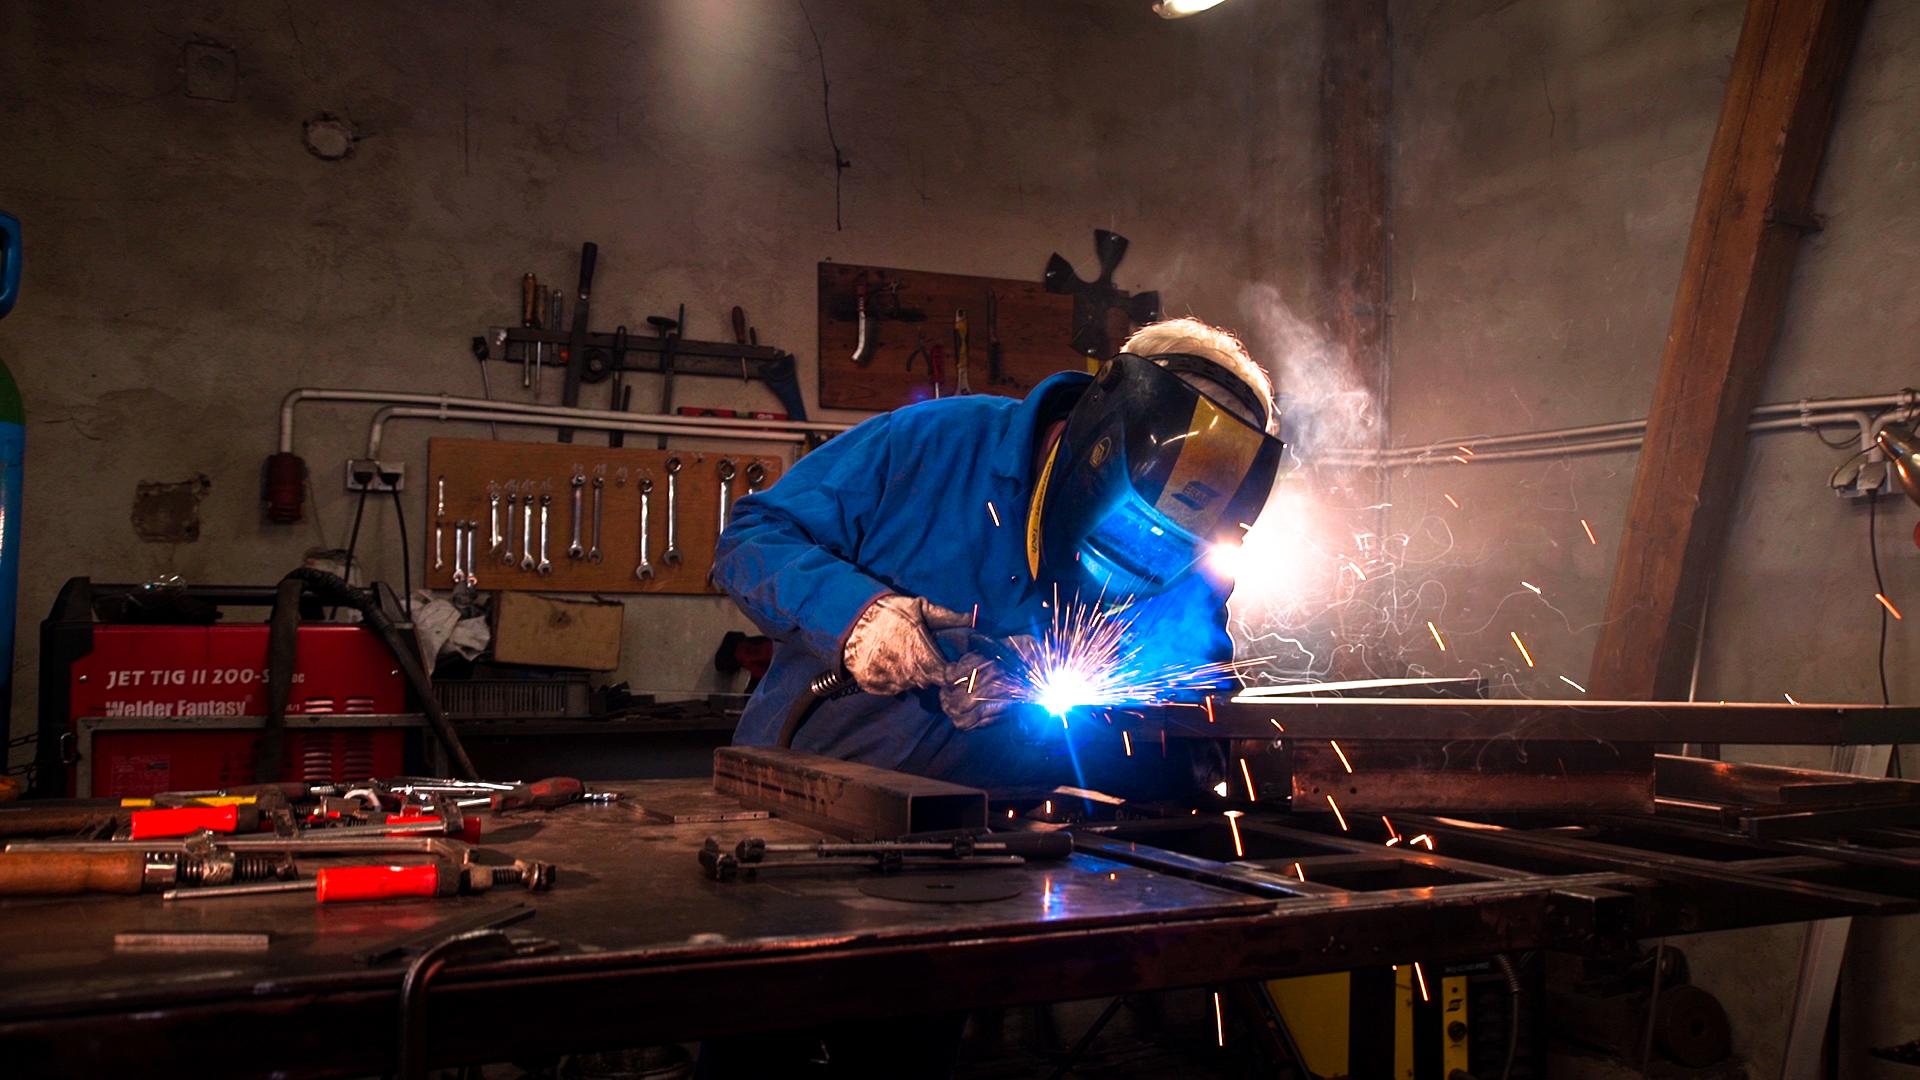 Metalwerkstatt von Piotr und Mikolaj - Bei den Jungs liegt unsere Metallproduktion. Unsere vorherigen Schweißer waren auf Produkte aus dem Baubereich spezialisiert, in der andere Prioritäten herrschen als im Möbelbau. Piotr und Mikolaj kennen sich allerdings bestens aus, was präzise Schweißarbeit angeht. Sie produzieren größtenteils für den polnischen und russischen Markt und sprechen fließend englisch, was sehr bedeutend für uns ist. Insgesamt sind sieben Leute in der Firma tätig, die alle mit Leidenschaft ihrem Beruf nachgehen und hervorragende Untergestelle für unsere Tische bauen.